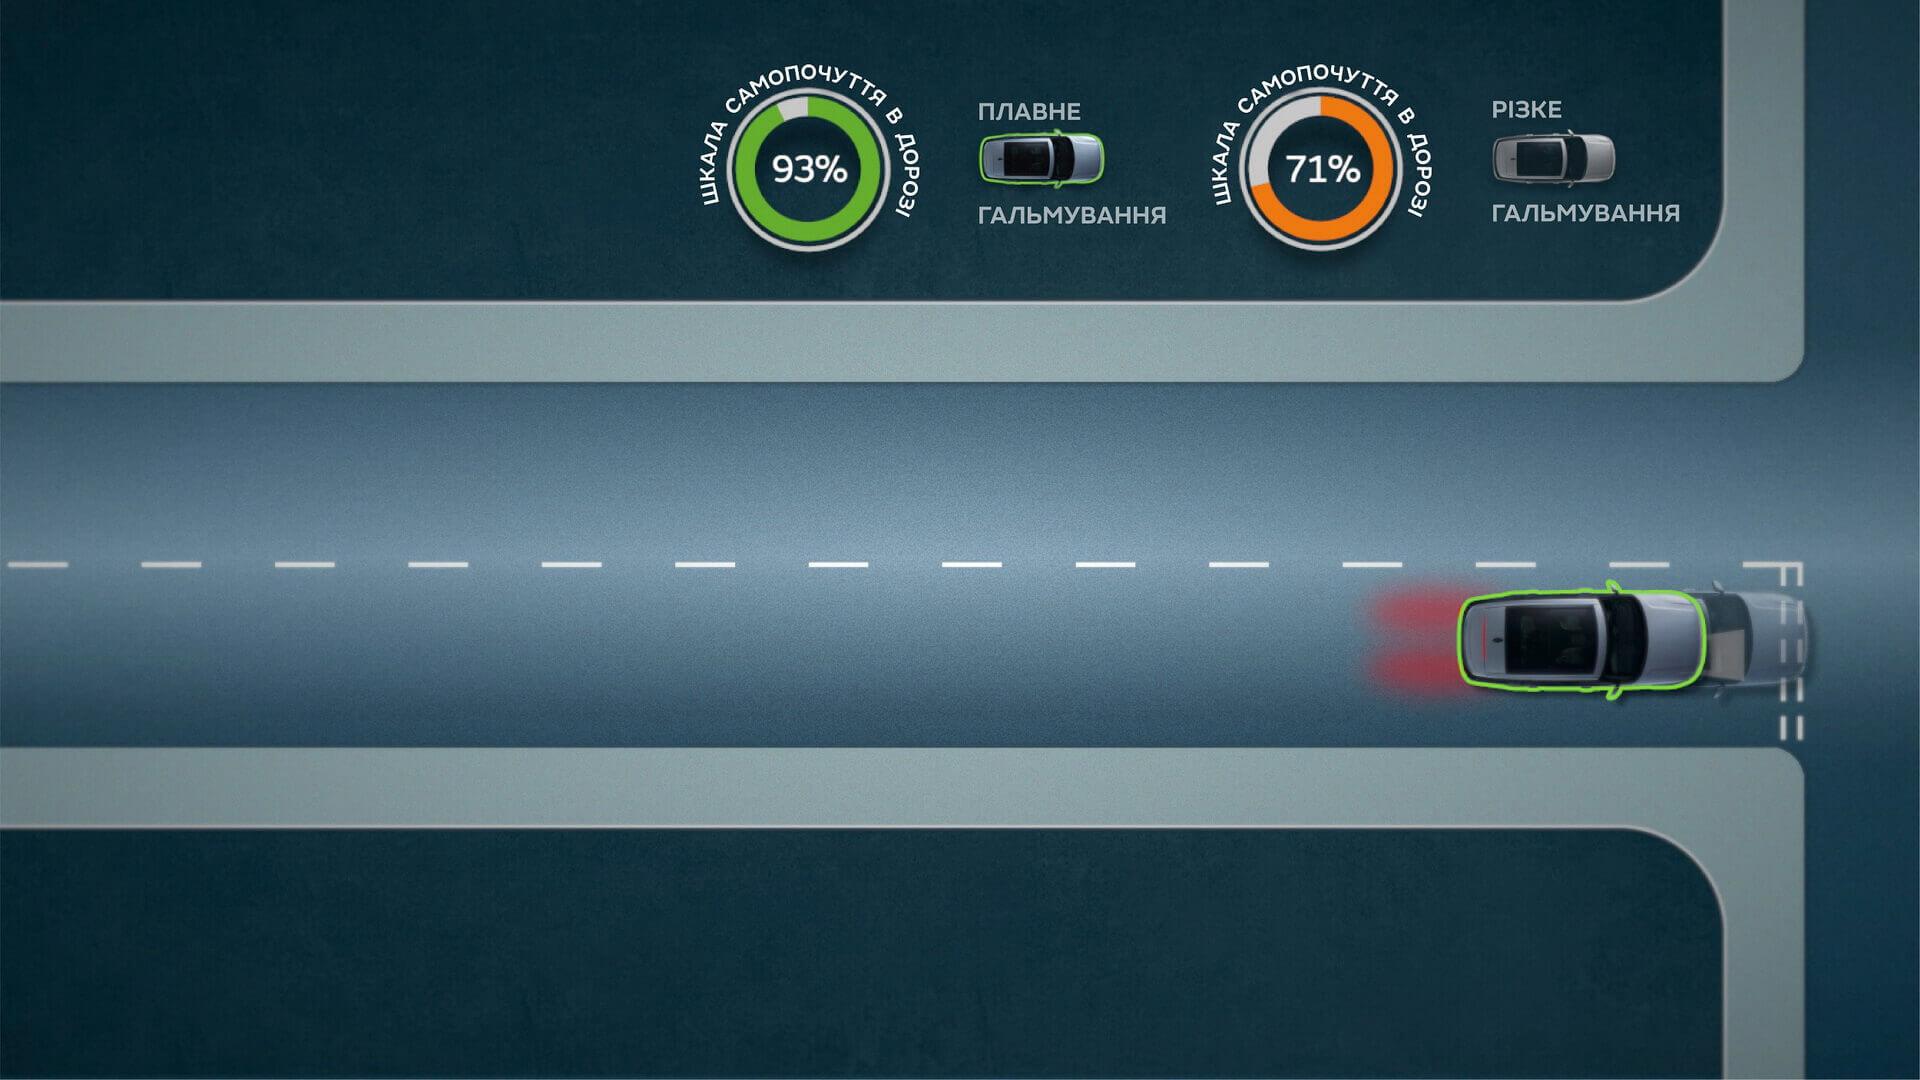 Интеллектуальное программное обеспечение Jaguar Land Rover регулирует ускорение, торможение и положение в полосе движения